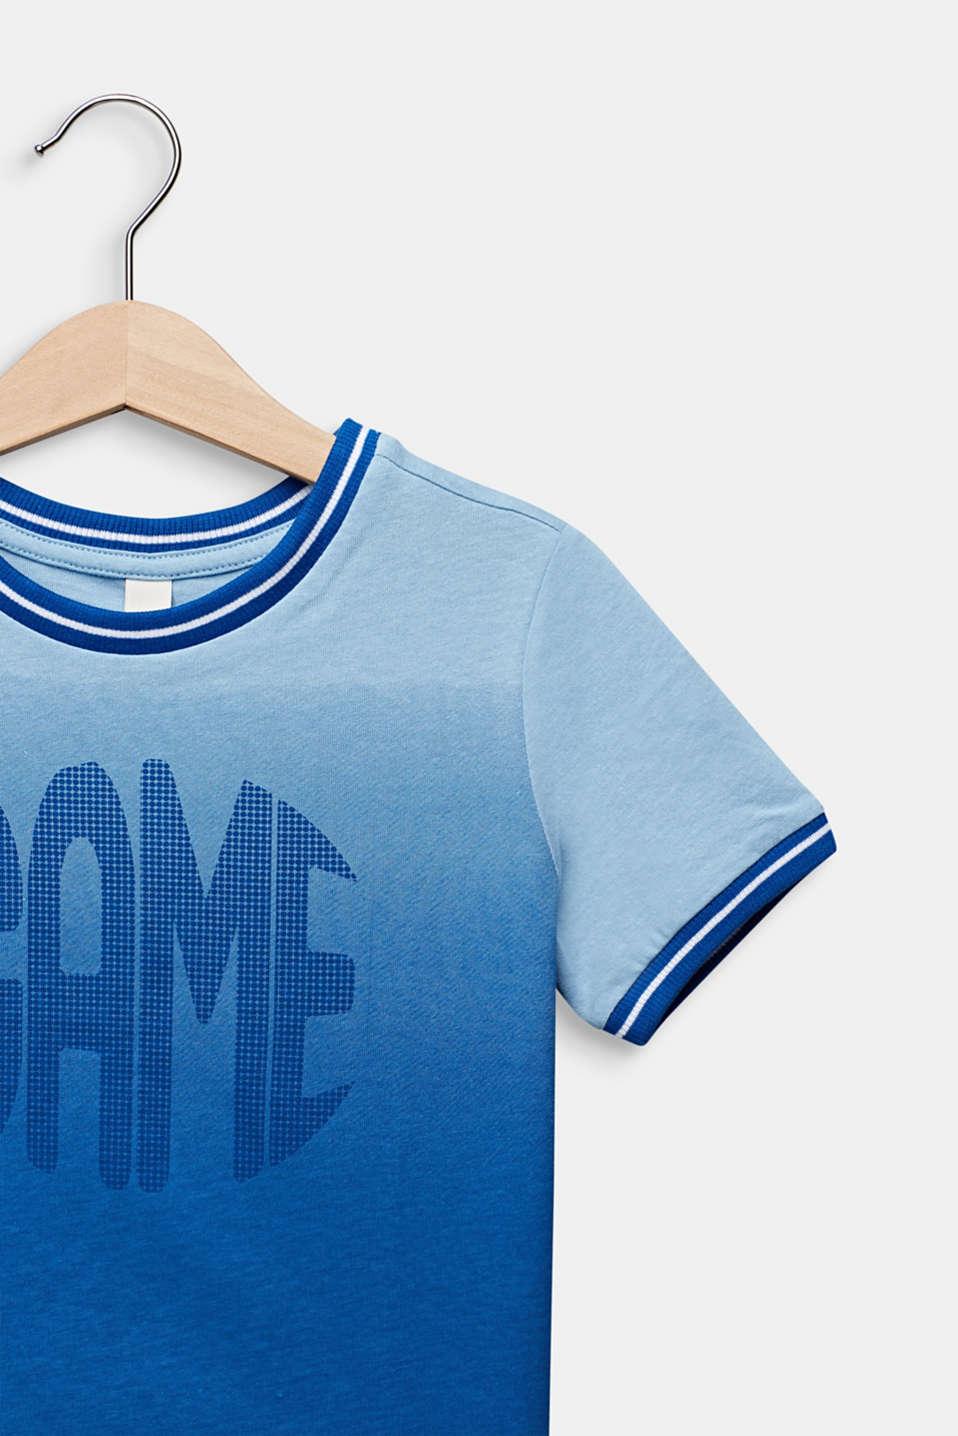 Colour graduation T-shirt, cotton blend, ELECTRIC BLUE, detail image number 2